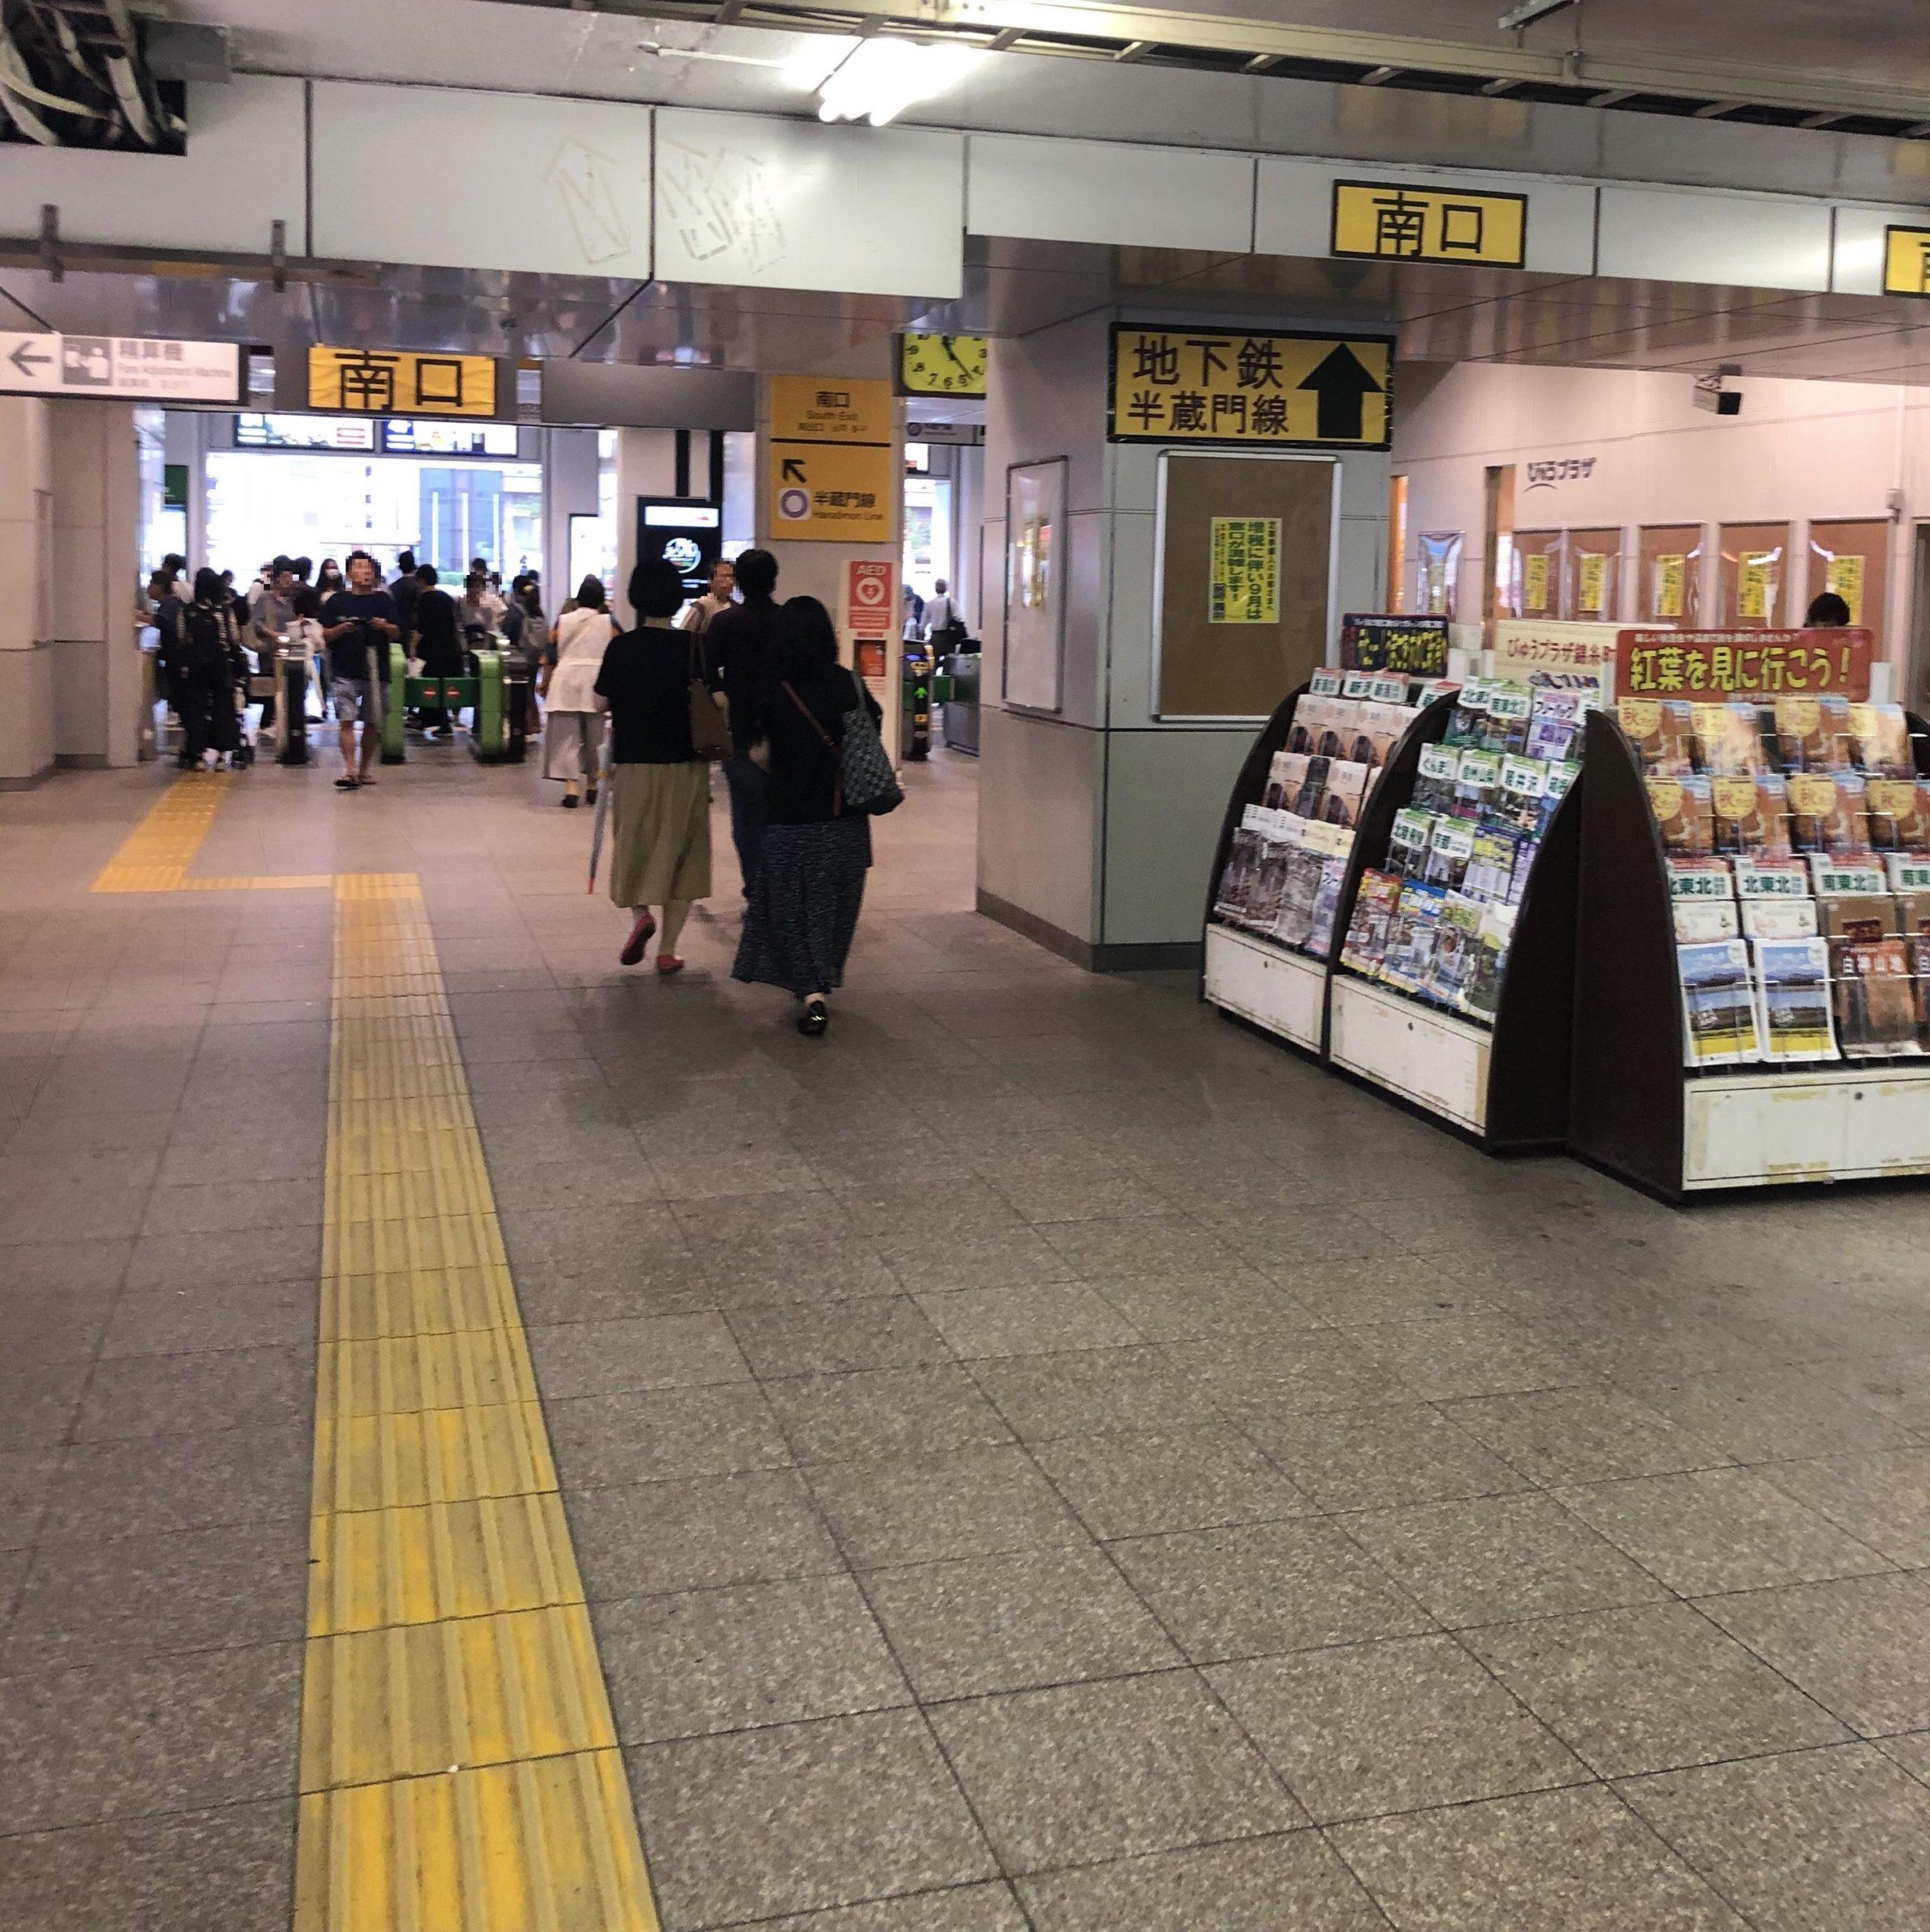 1.JR錦糸町駅 南口から出ます。